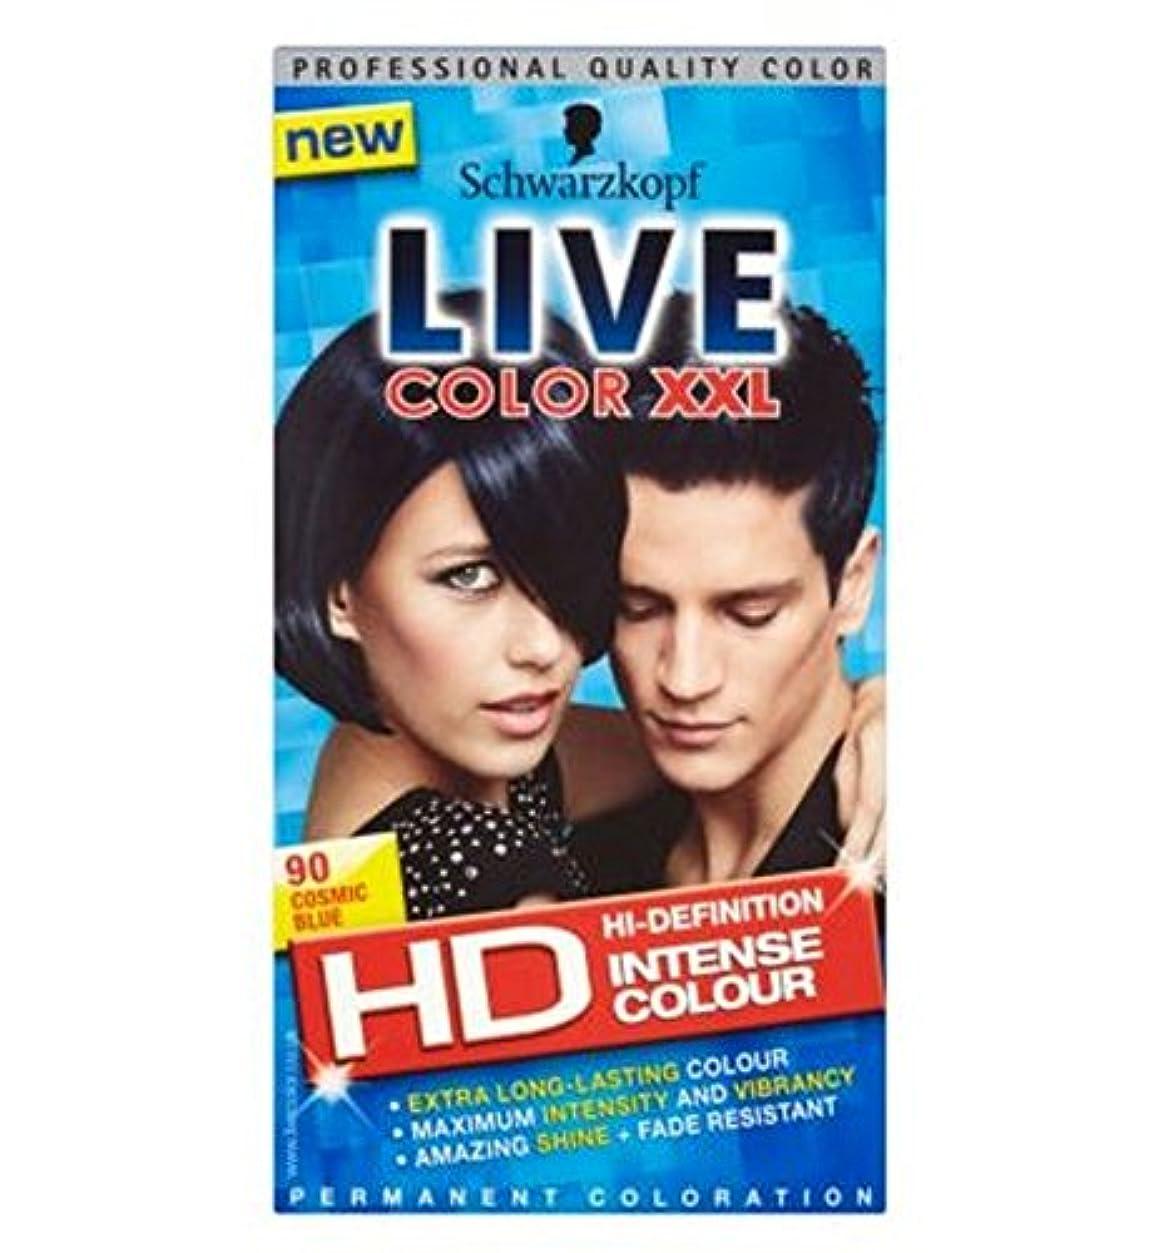 効果的車腰Schwarzkopf LIVE Color XXL HD 90 Cosmic Blue Permanent Blue Hair Dye - シュワルツコフライブカラーXxl Hd 90宇宙の青い永久青い髪の染料 (Schwarzkopf...